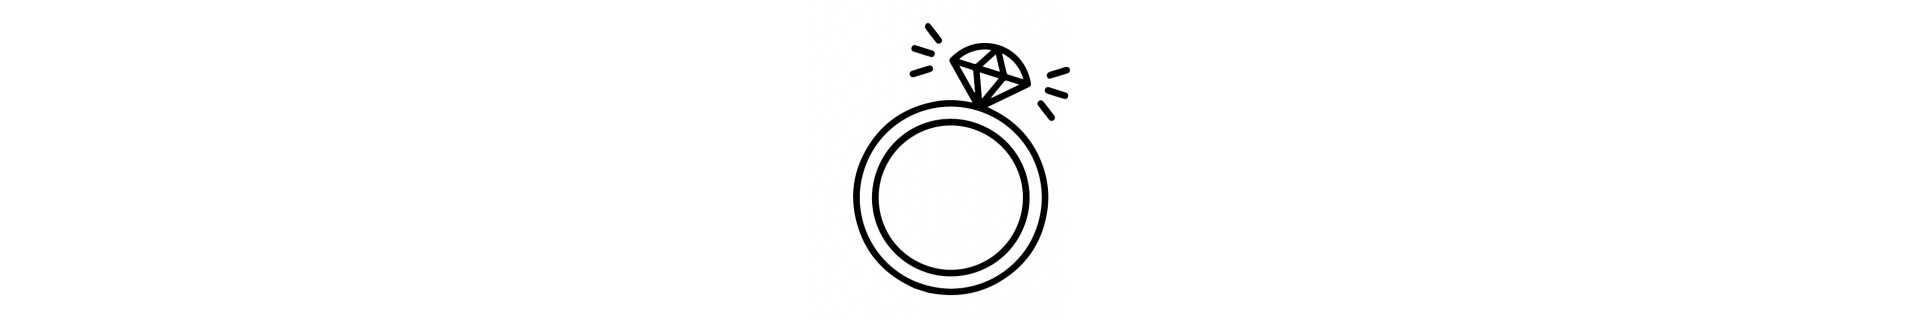 Anelli donna anelli fidanzamento anellini vendita shop online